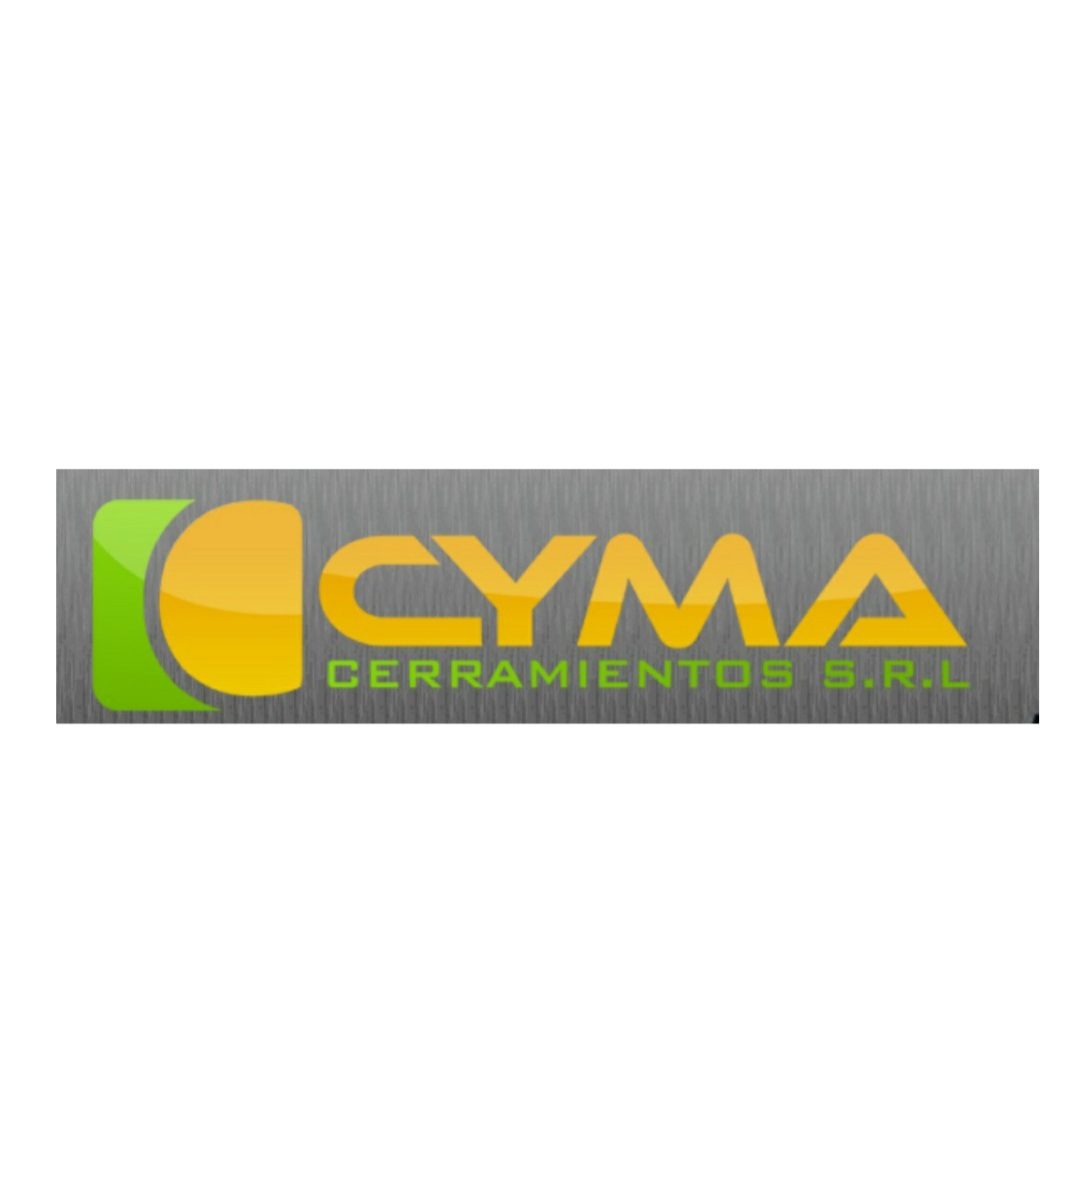 CYMA Cerramientos Uruguay S.R.L